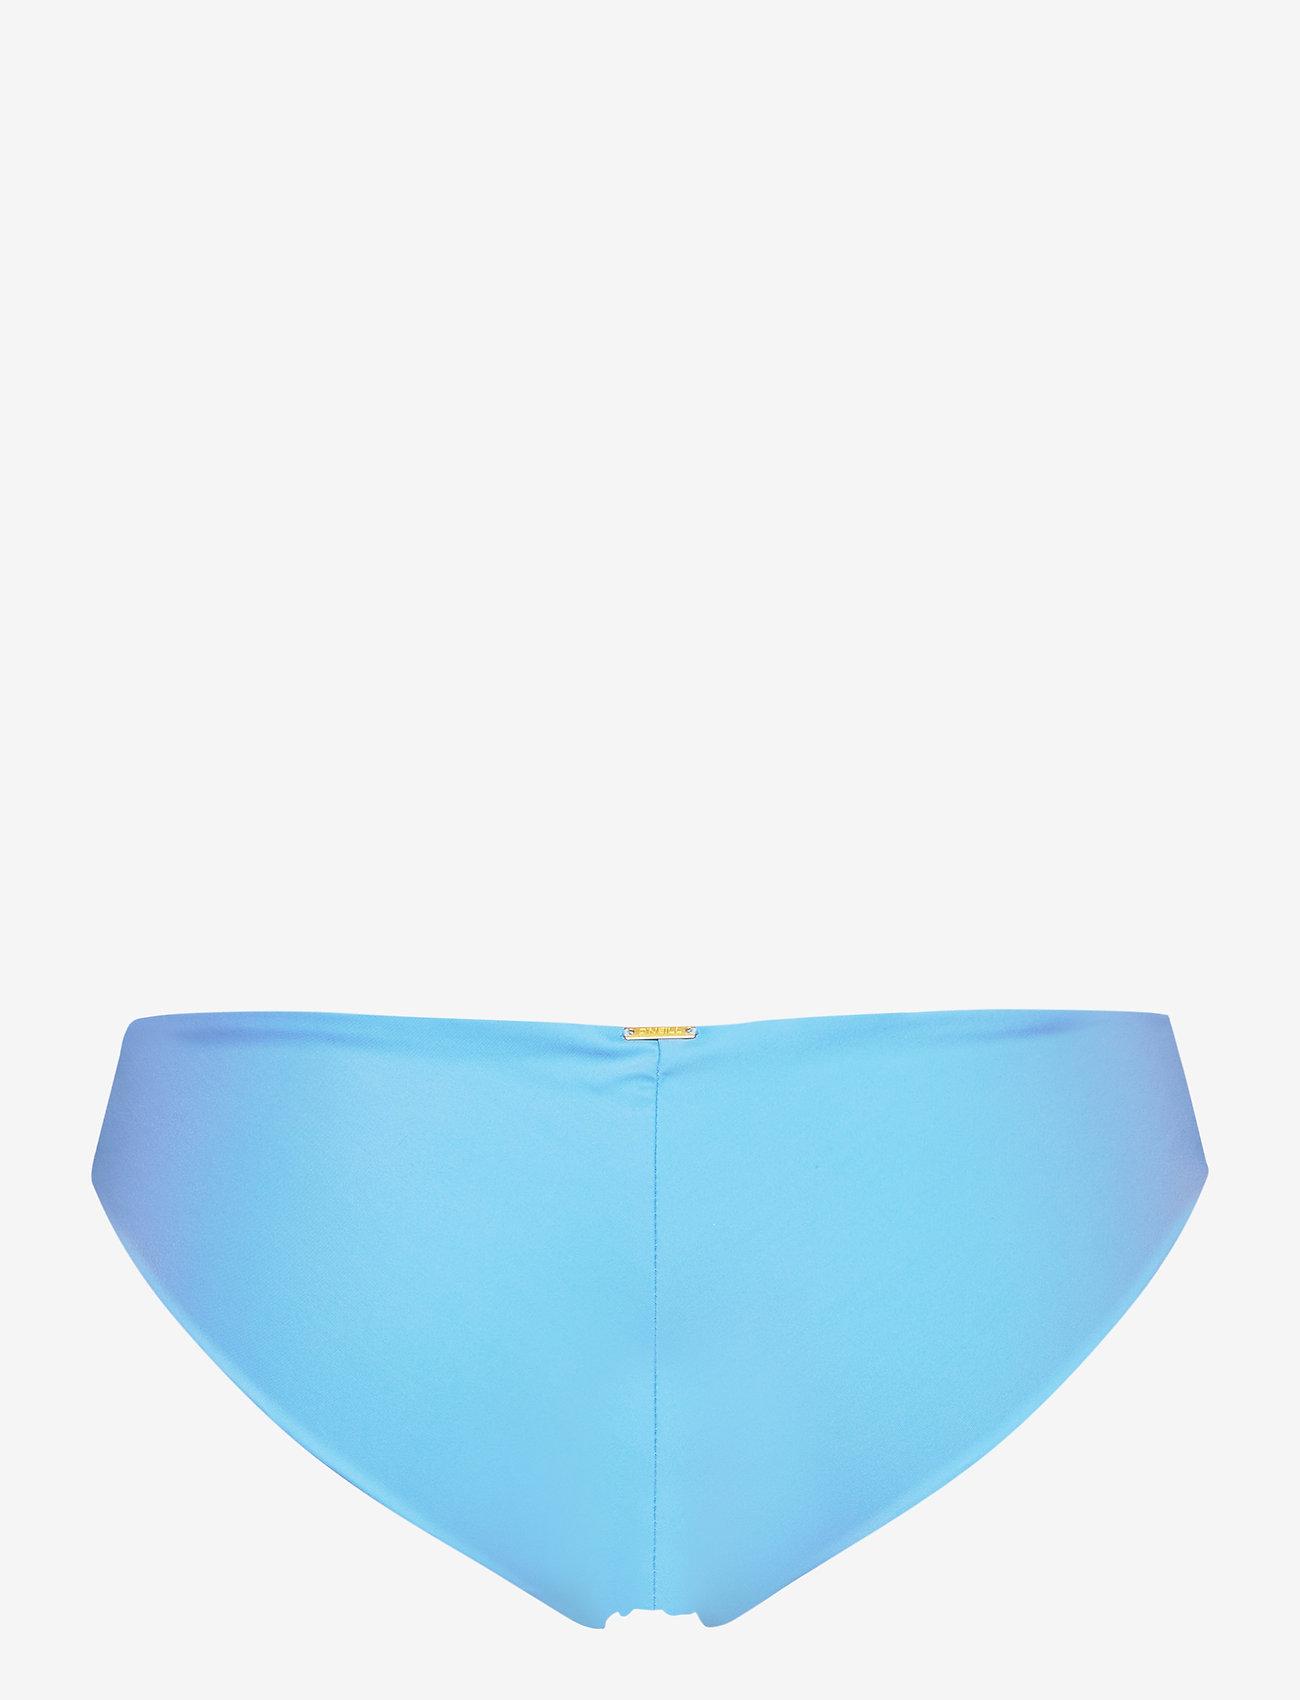 O'neill - PW MAOI  BOTTOM - bikinibriefs - zaffiro - 1